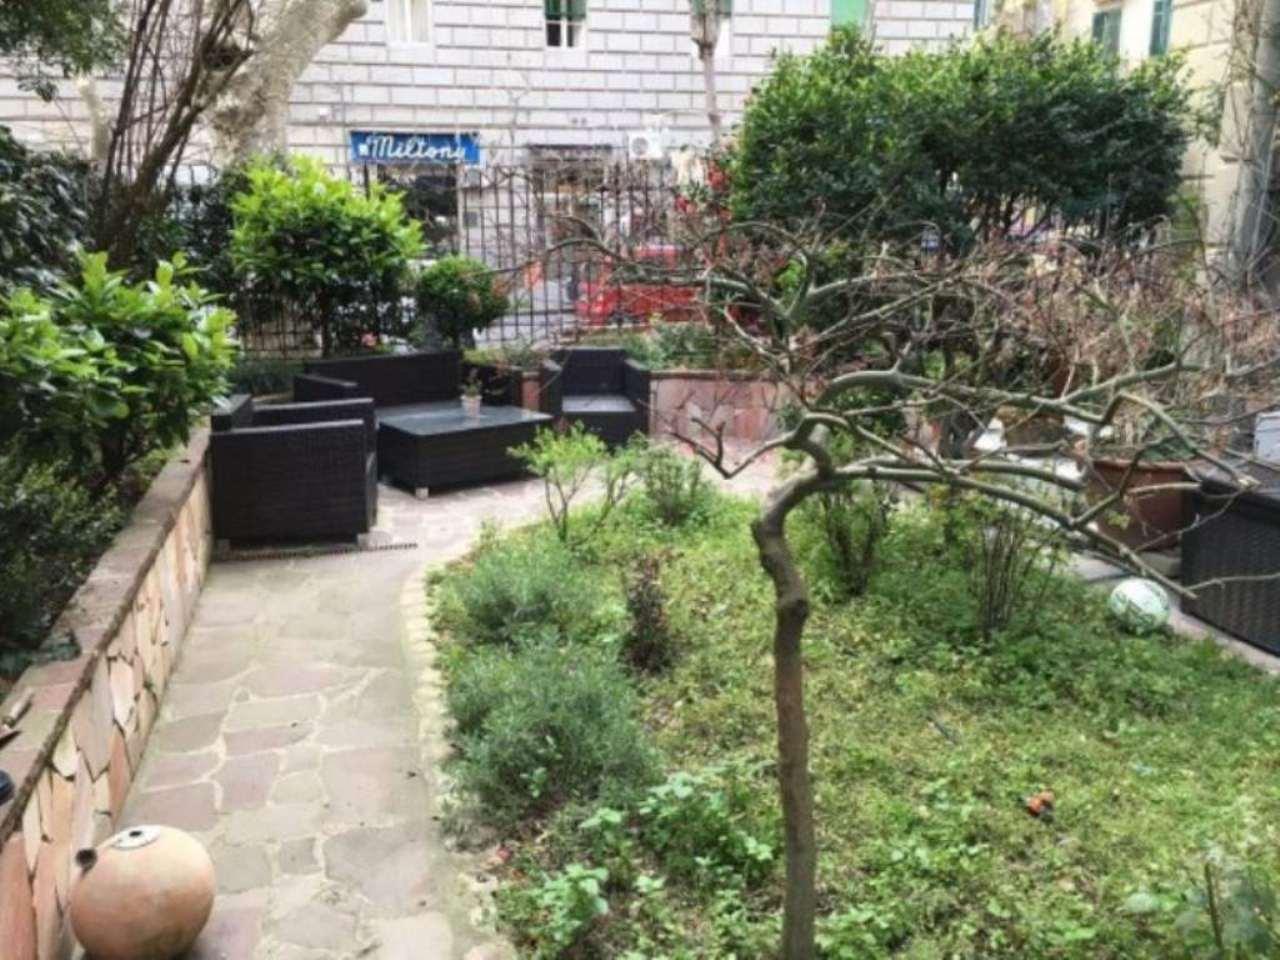 appartamento con giardino privato a Napoli - Cambiocasa.it